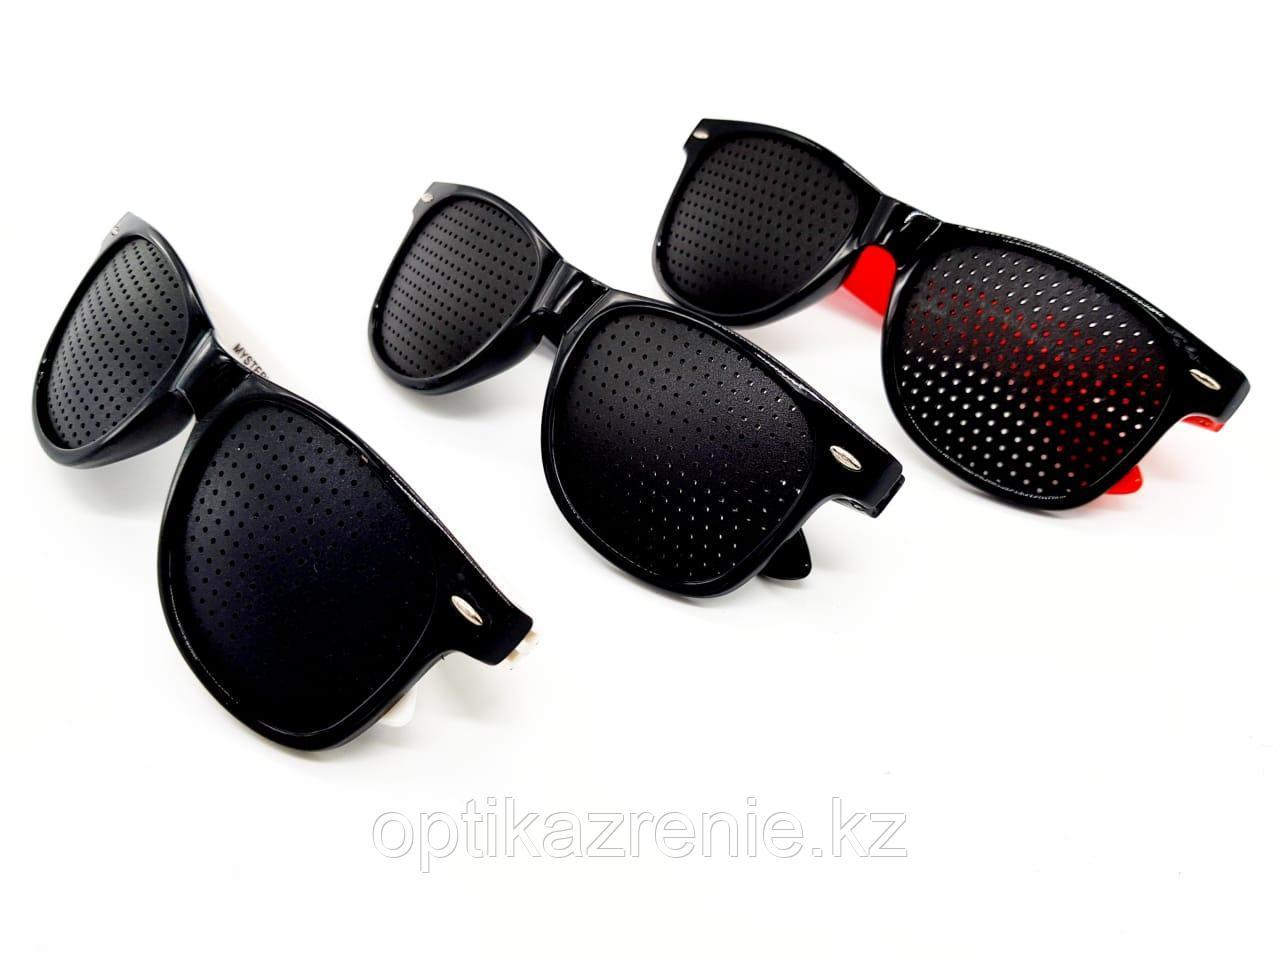 Очки- тренажеры